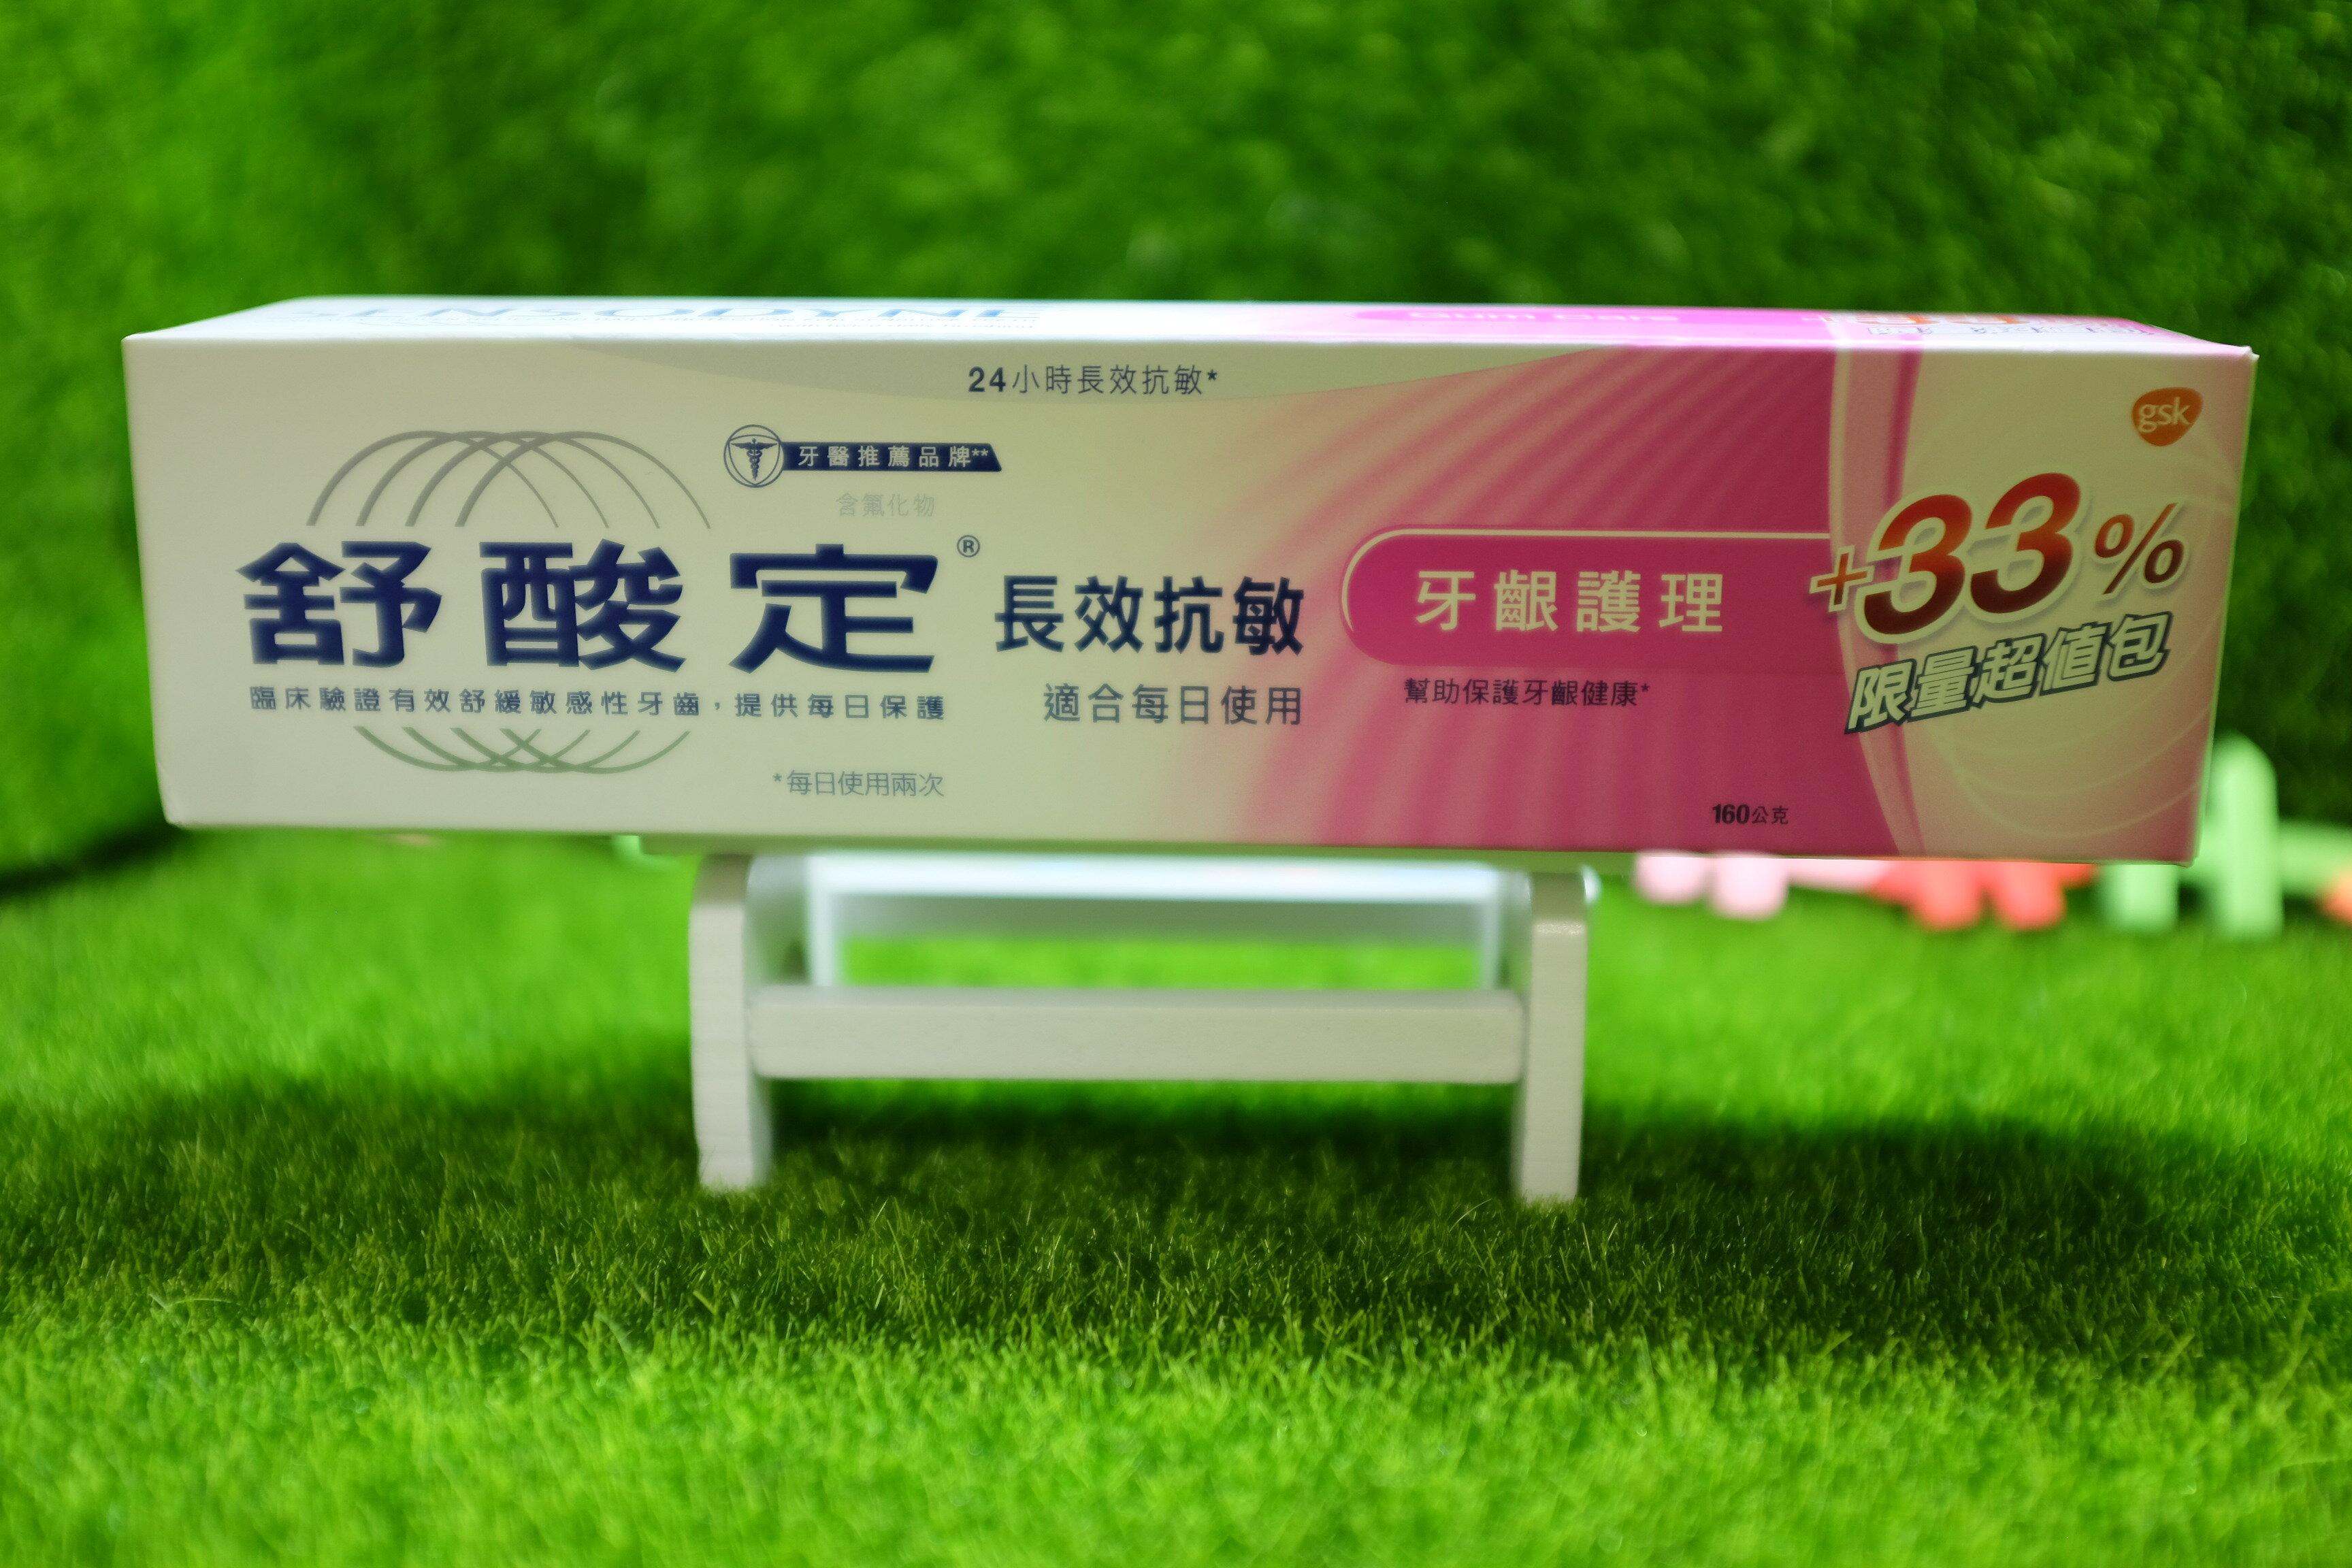 舒酸定 牙齦護理 160g (粉色)#長效抗敏 牙膏